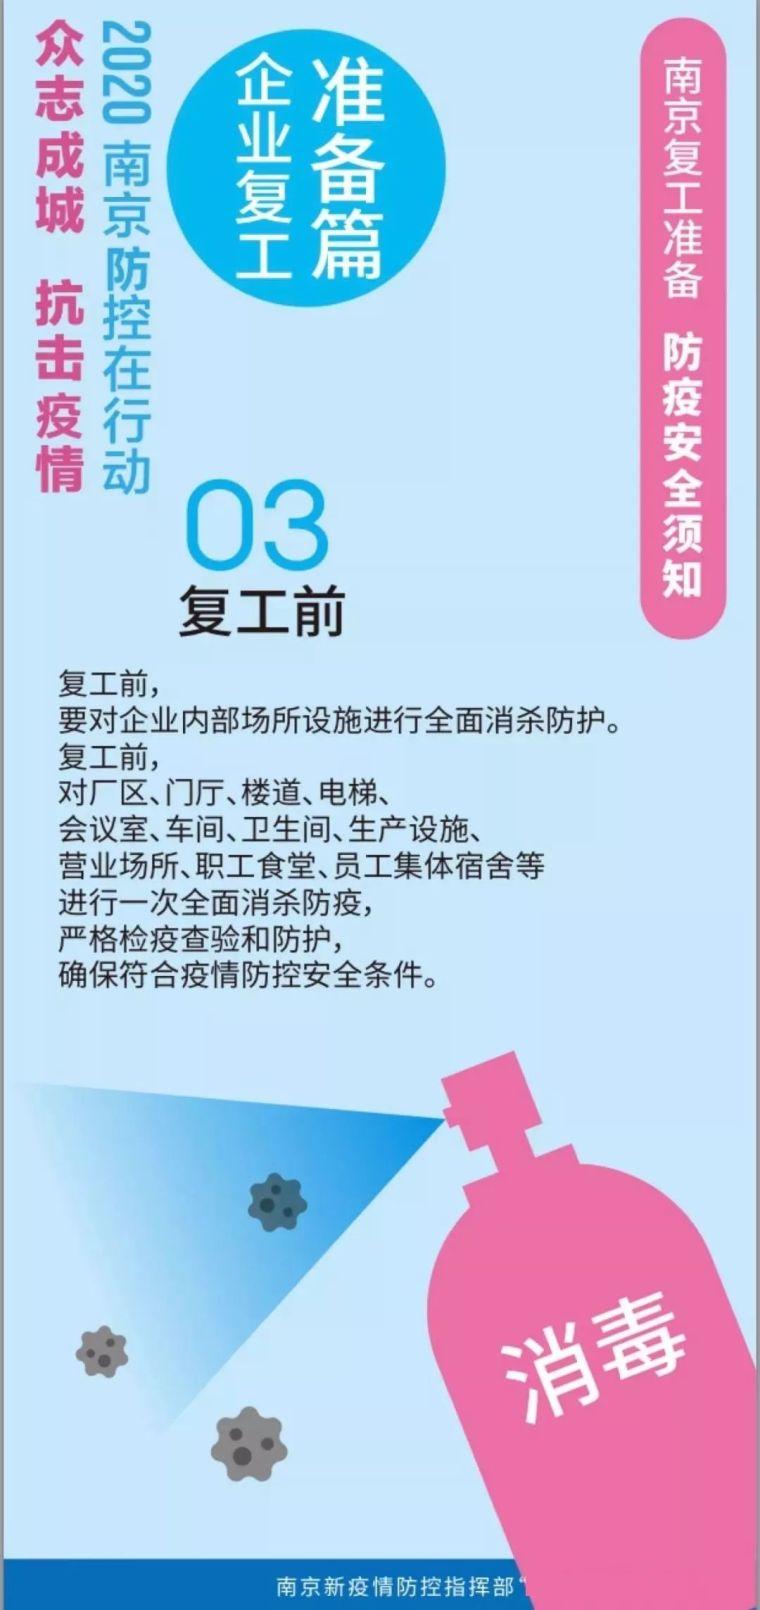 企业复工,防疫安全须知(图解)_4